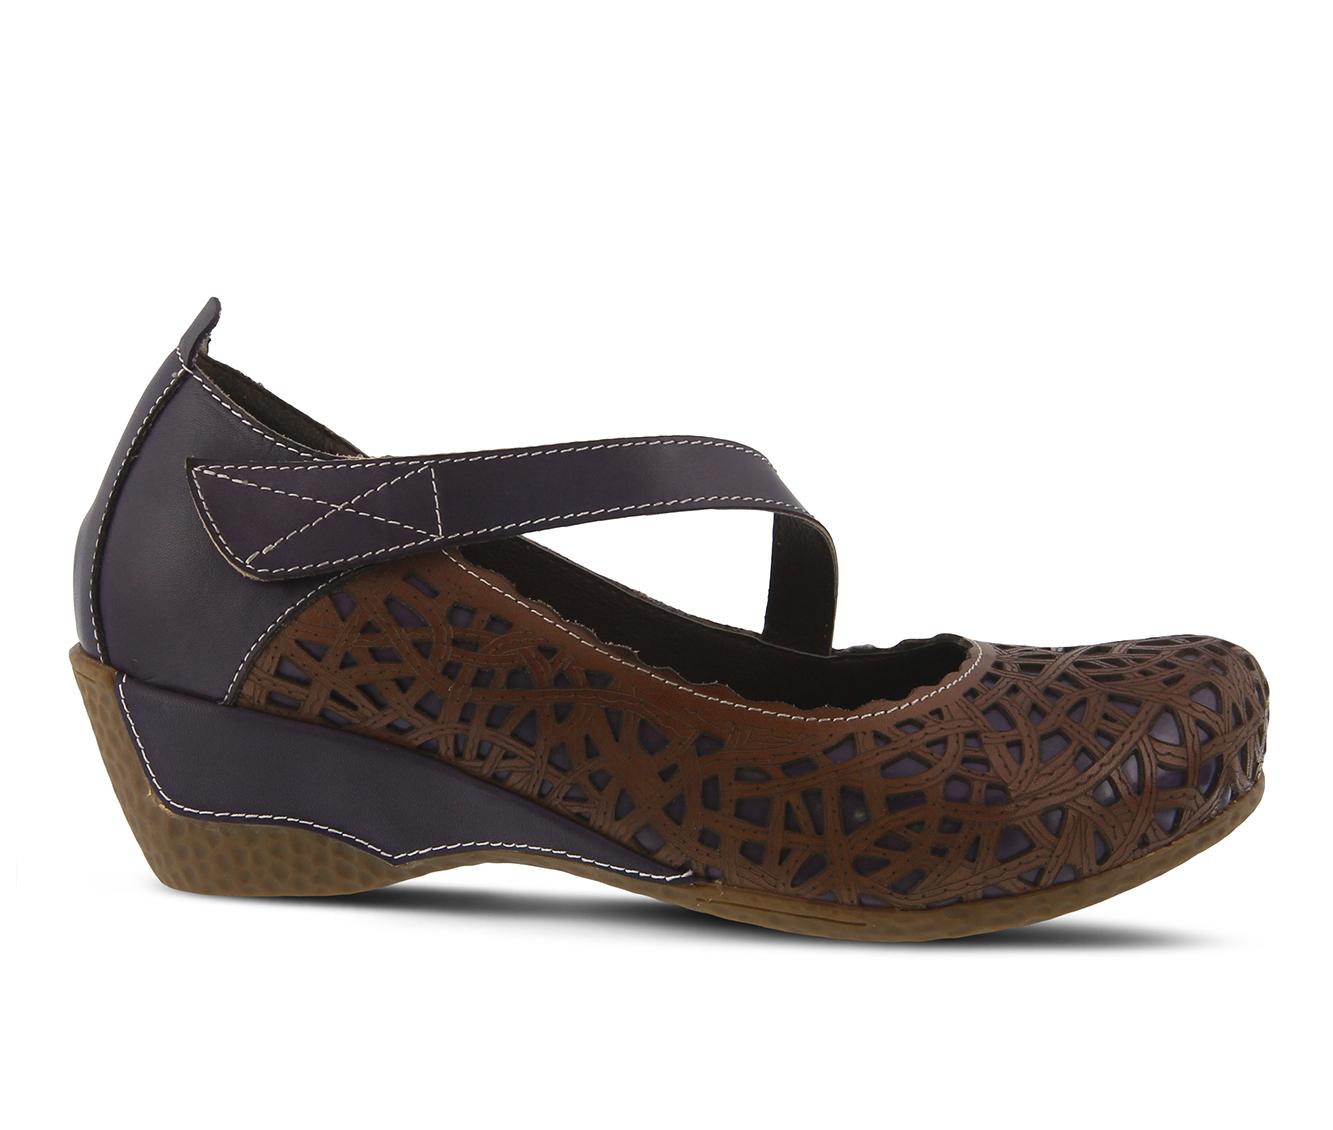 L'Artiste Melinda Women's Shoe (Purple Leather)